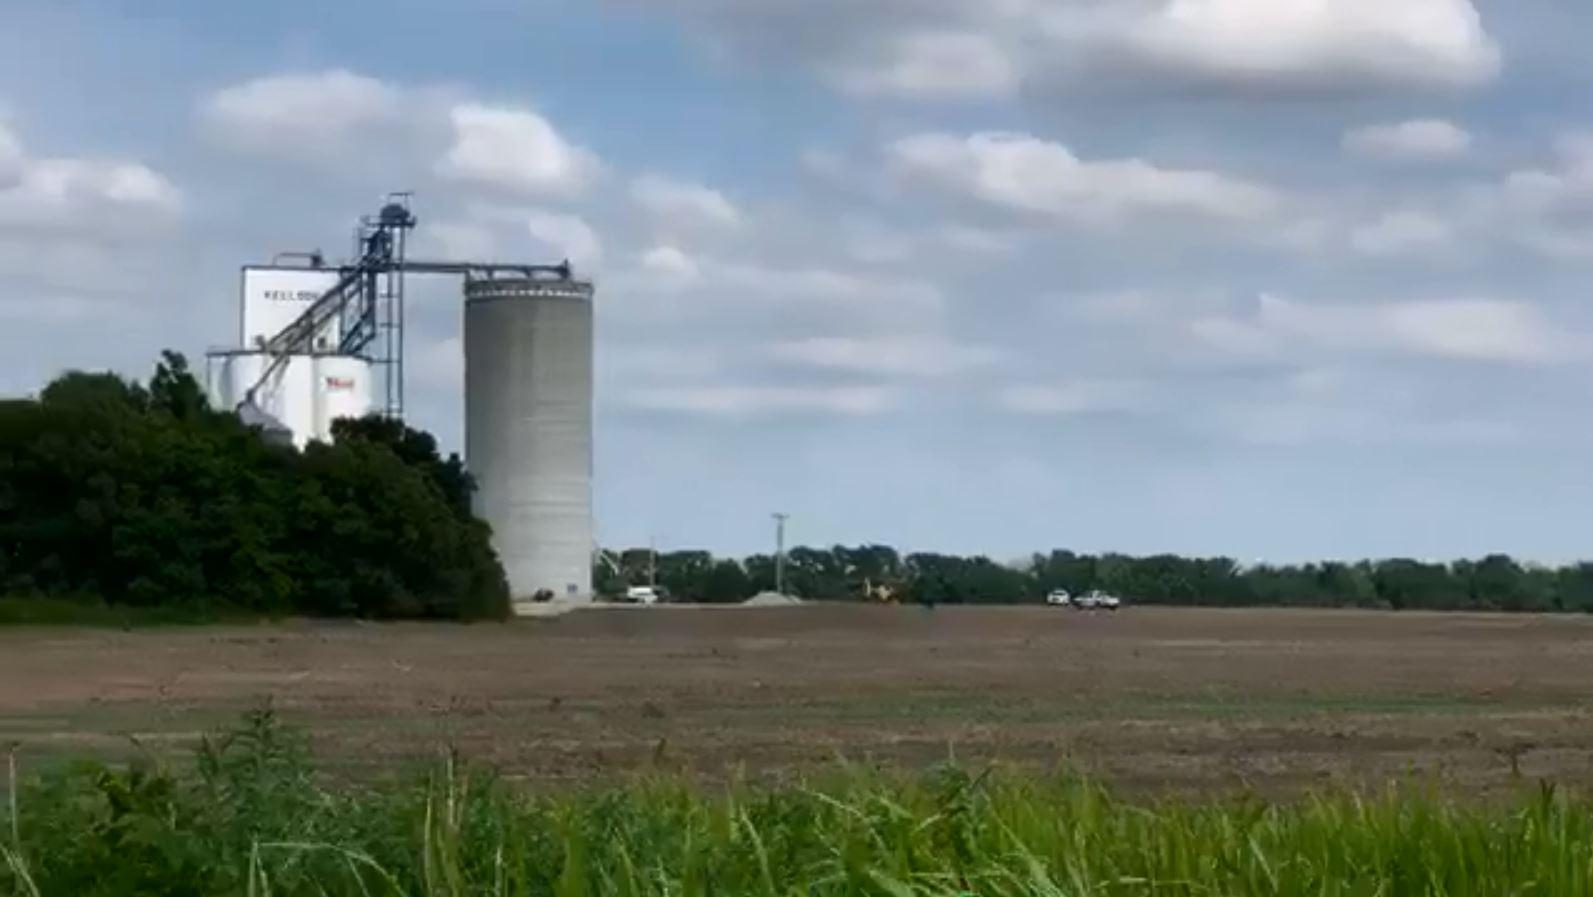 Worker trapped in grain bin